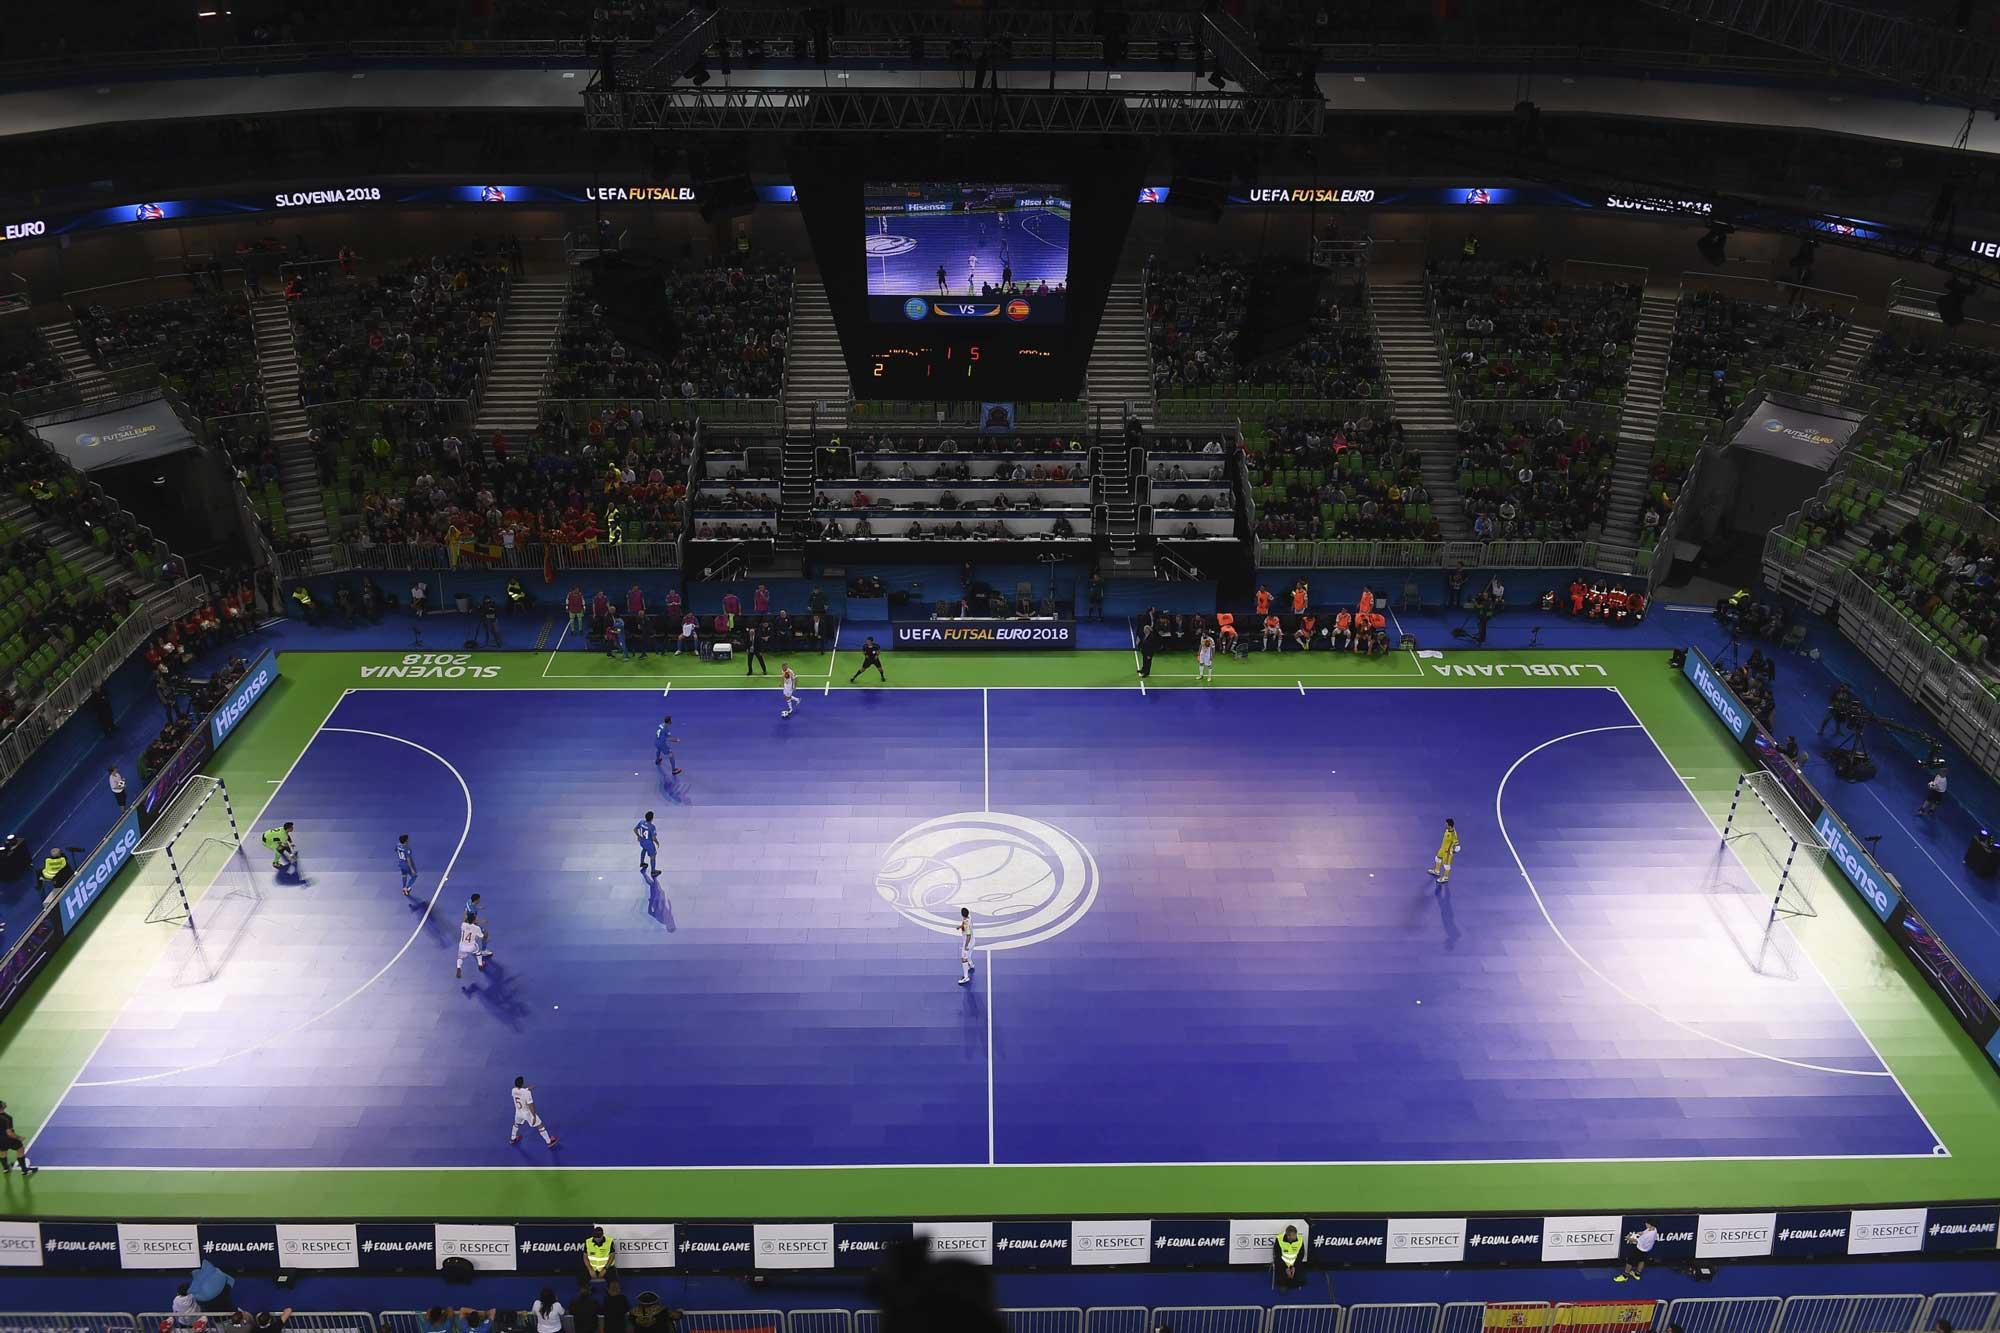 UEFA Futsal EURO 2018, Lubiana,  Slovenia